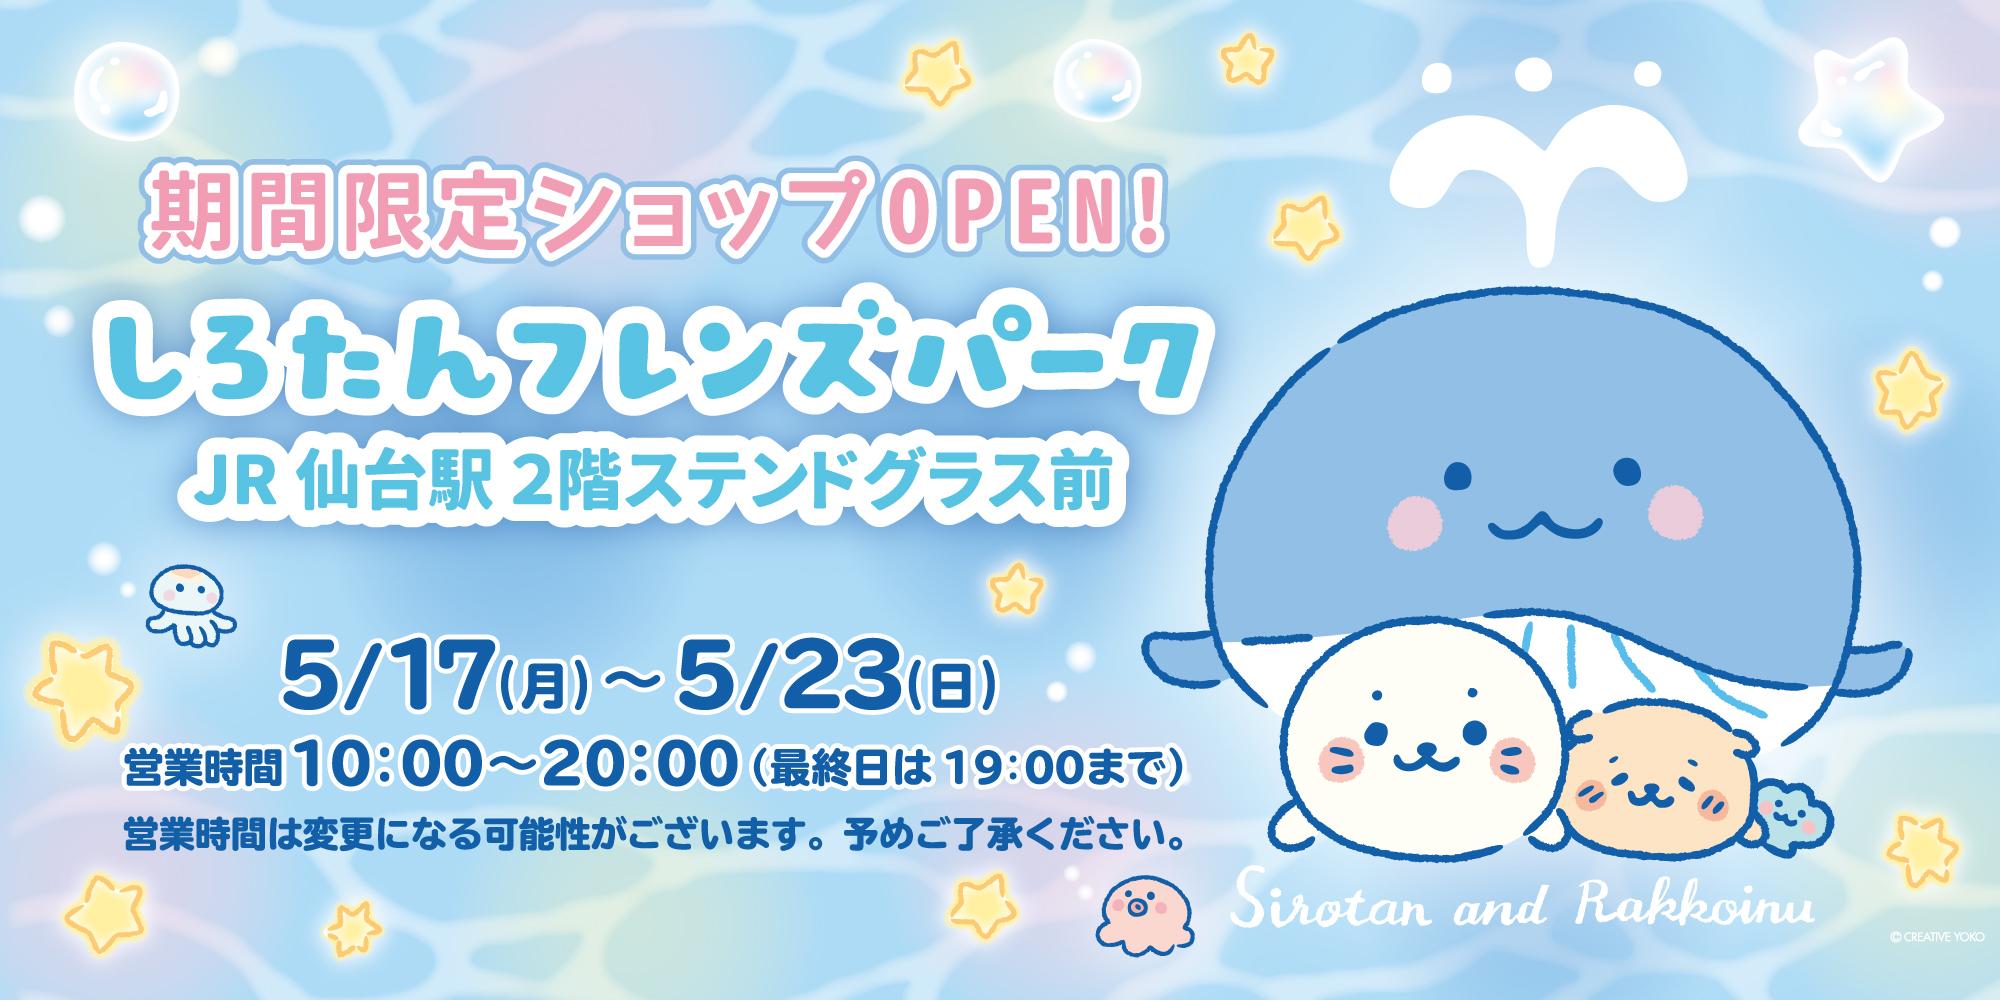 仙台駅ステンドグラス前しろたんフレンズパーク期間限定OPEN!:5/17(月)~23(日)